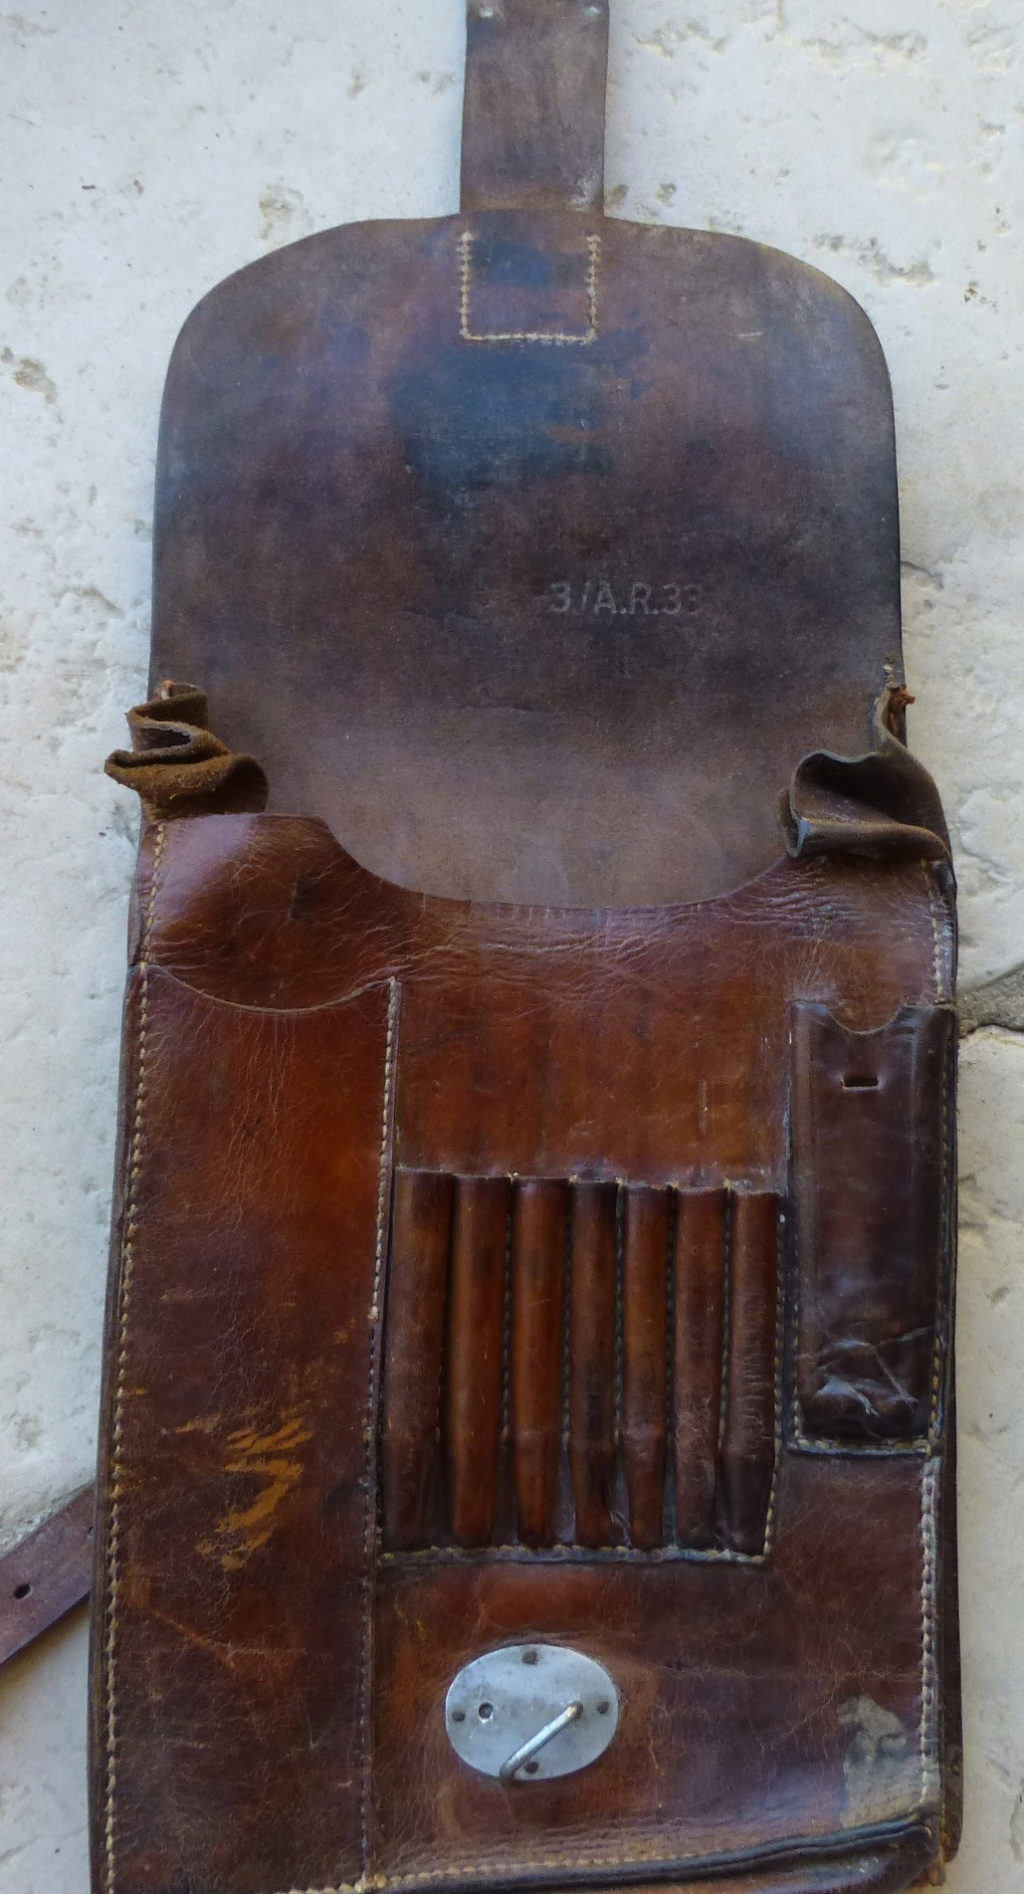 Brocante du matin: Telephone TM 32, porte carte wehrmacht, insigne CTA 808 P1080985